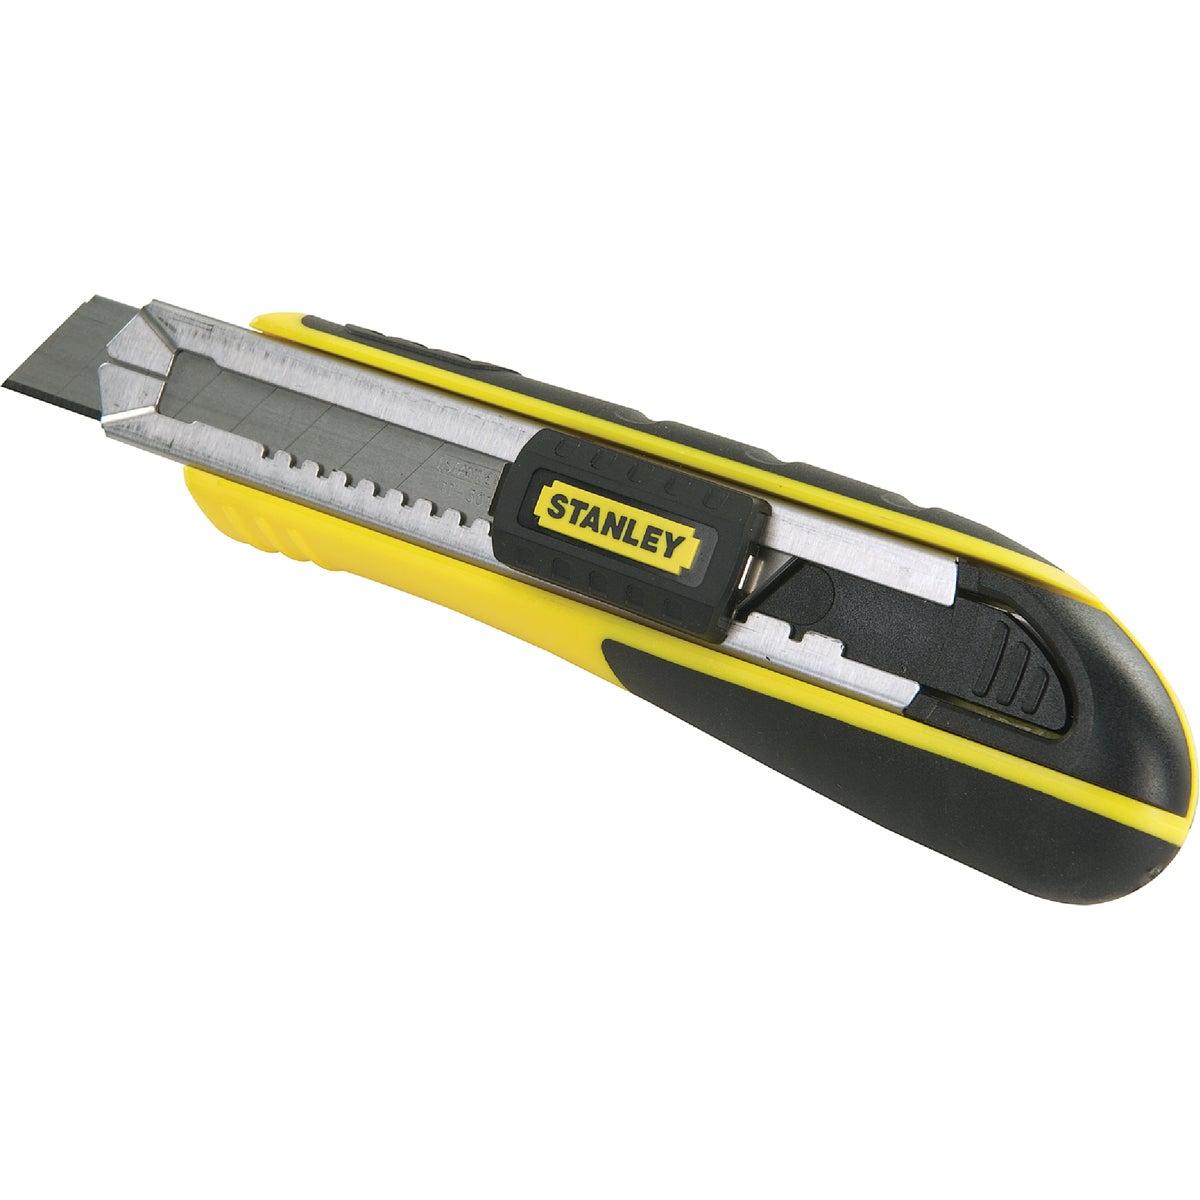 FATMX 18MM SNAPOFF KNIFE